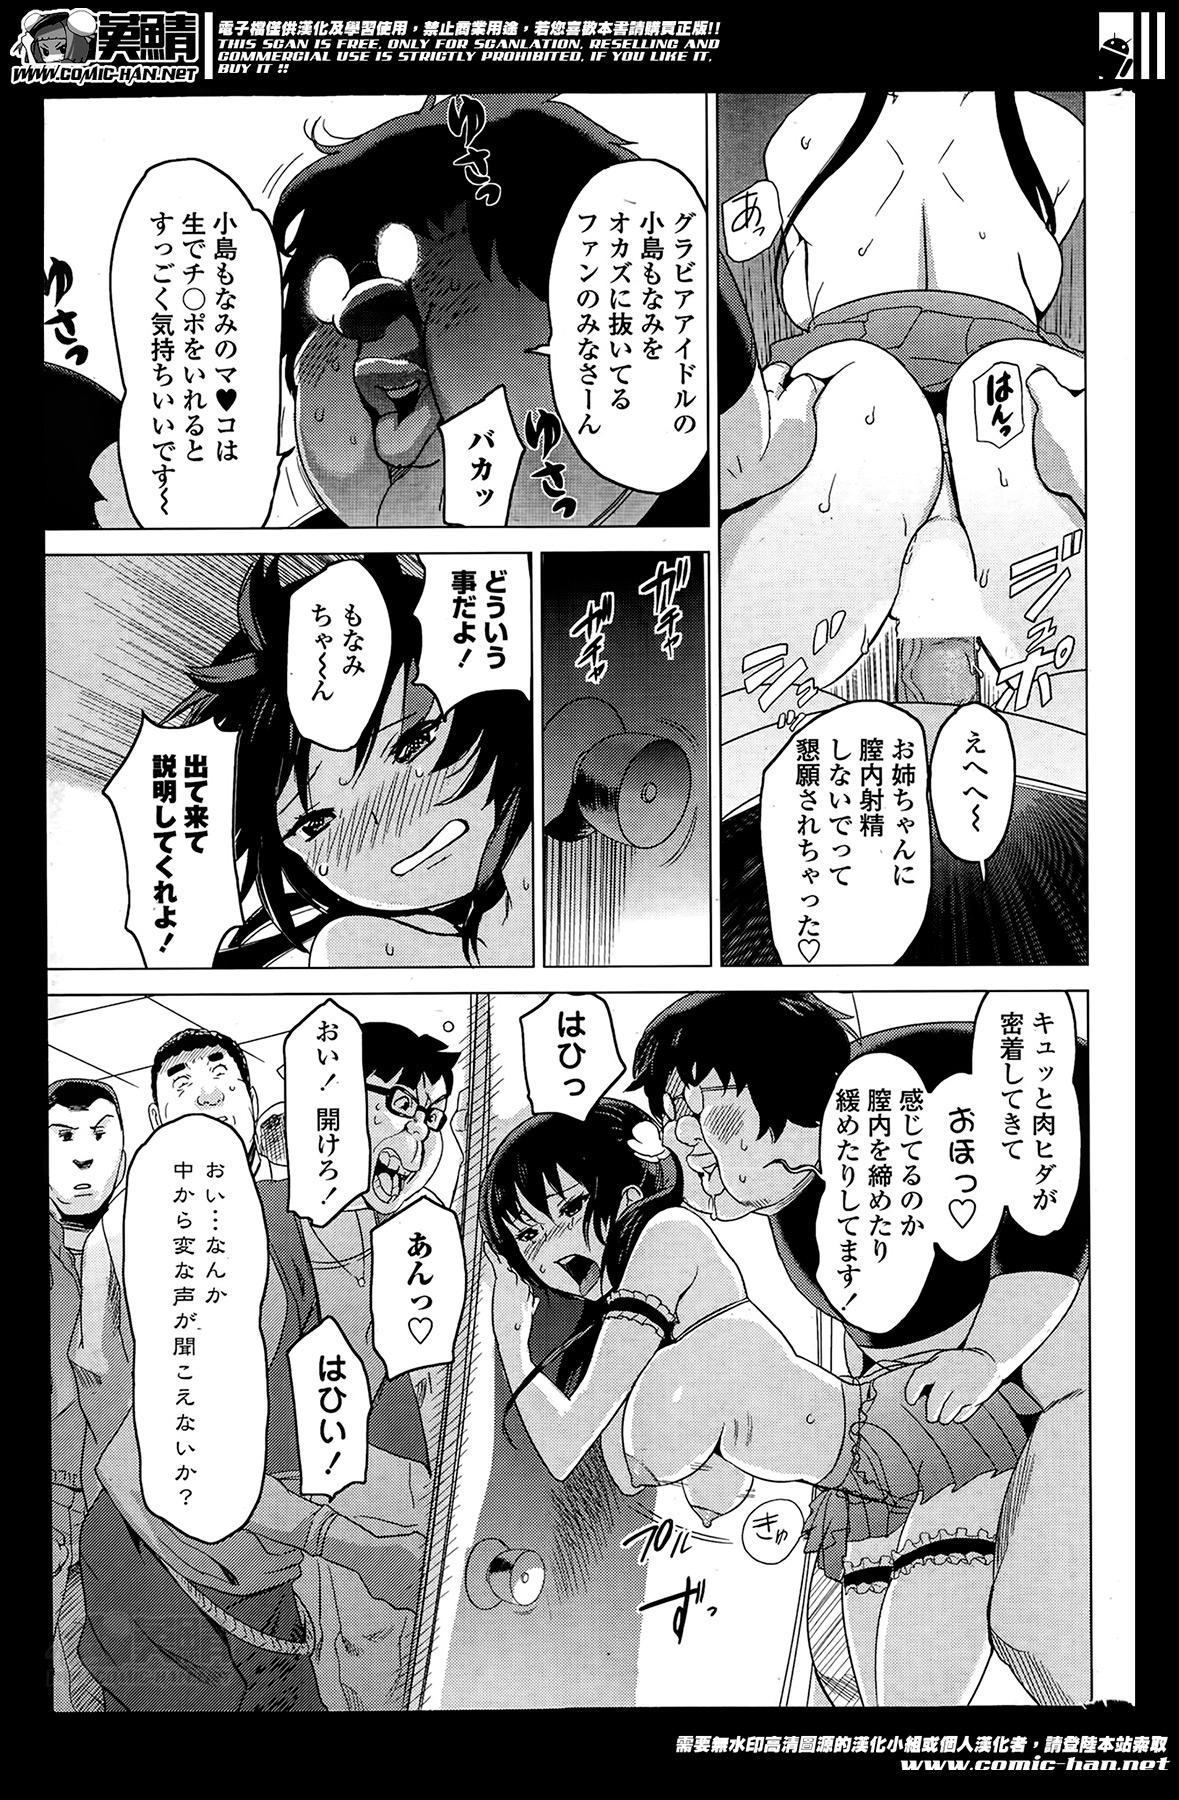 [Mitsuya] Nee-chan to H Shitai no? | Zoku Nee-chan to H Shitai no? Ch.1-4 32